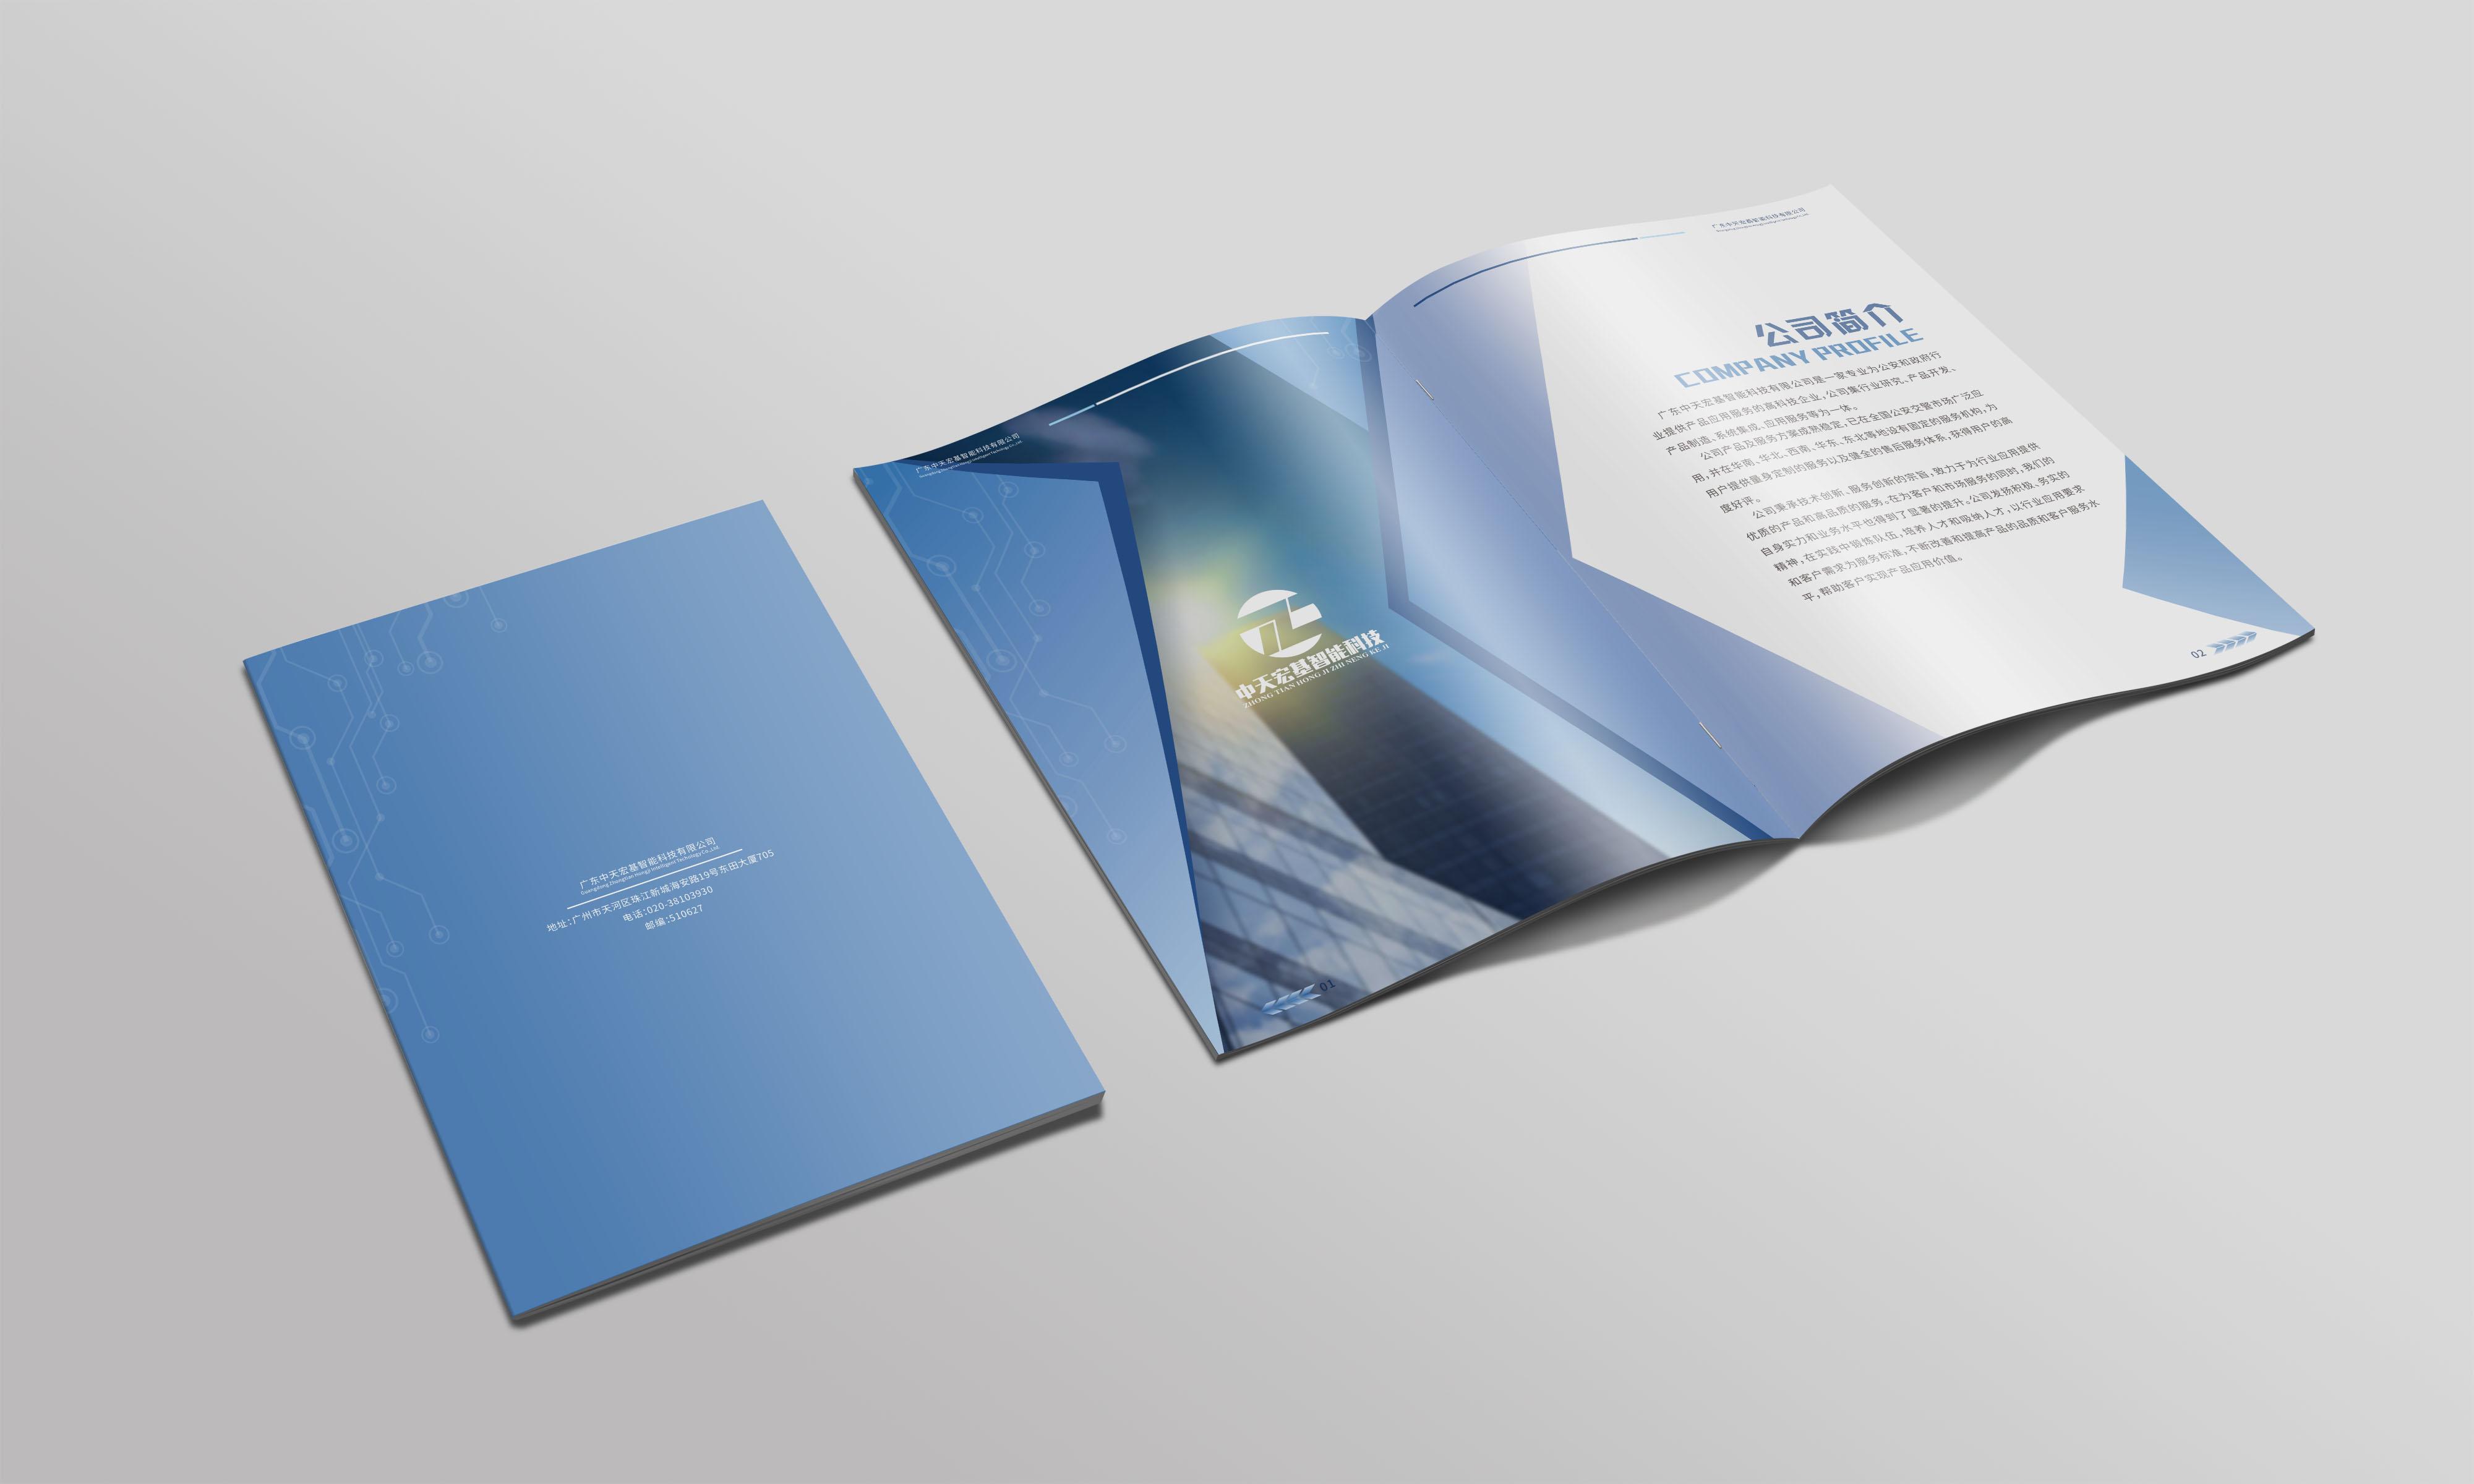 公司内刊设计方法是什么?名字如何取